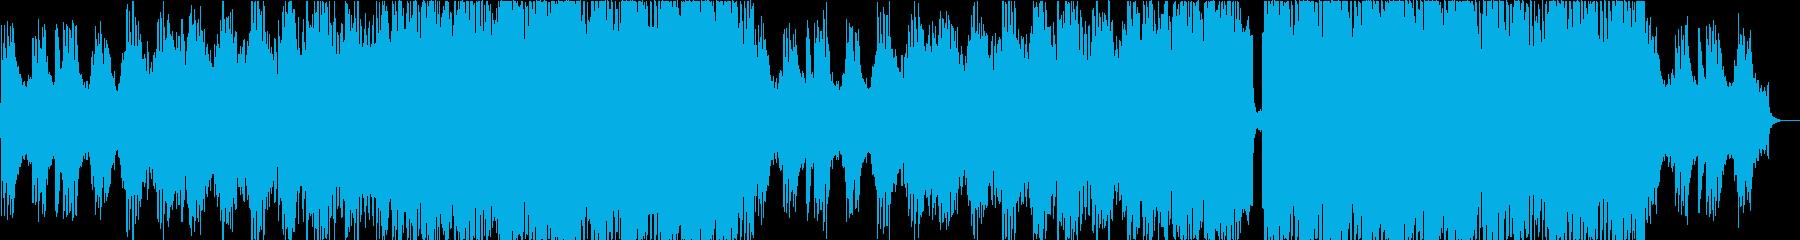 かっこいい和風EDM!疾走感オープニングの再生済みの波形